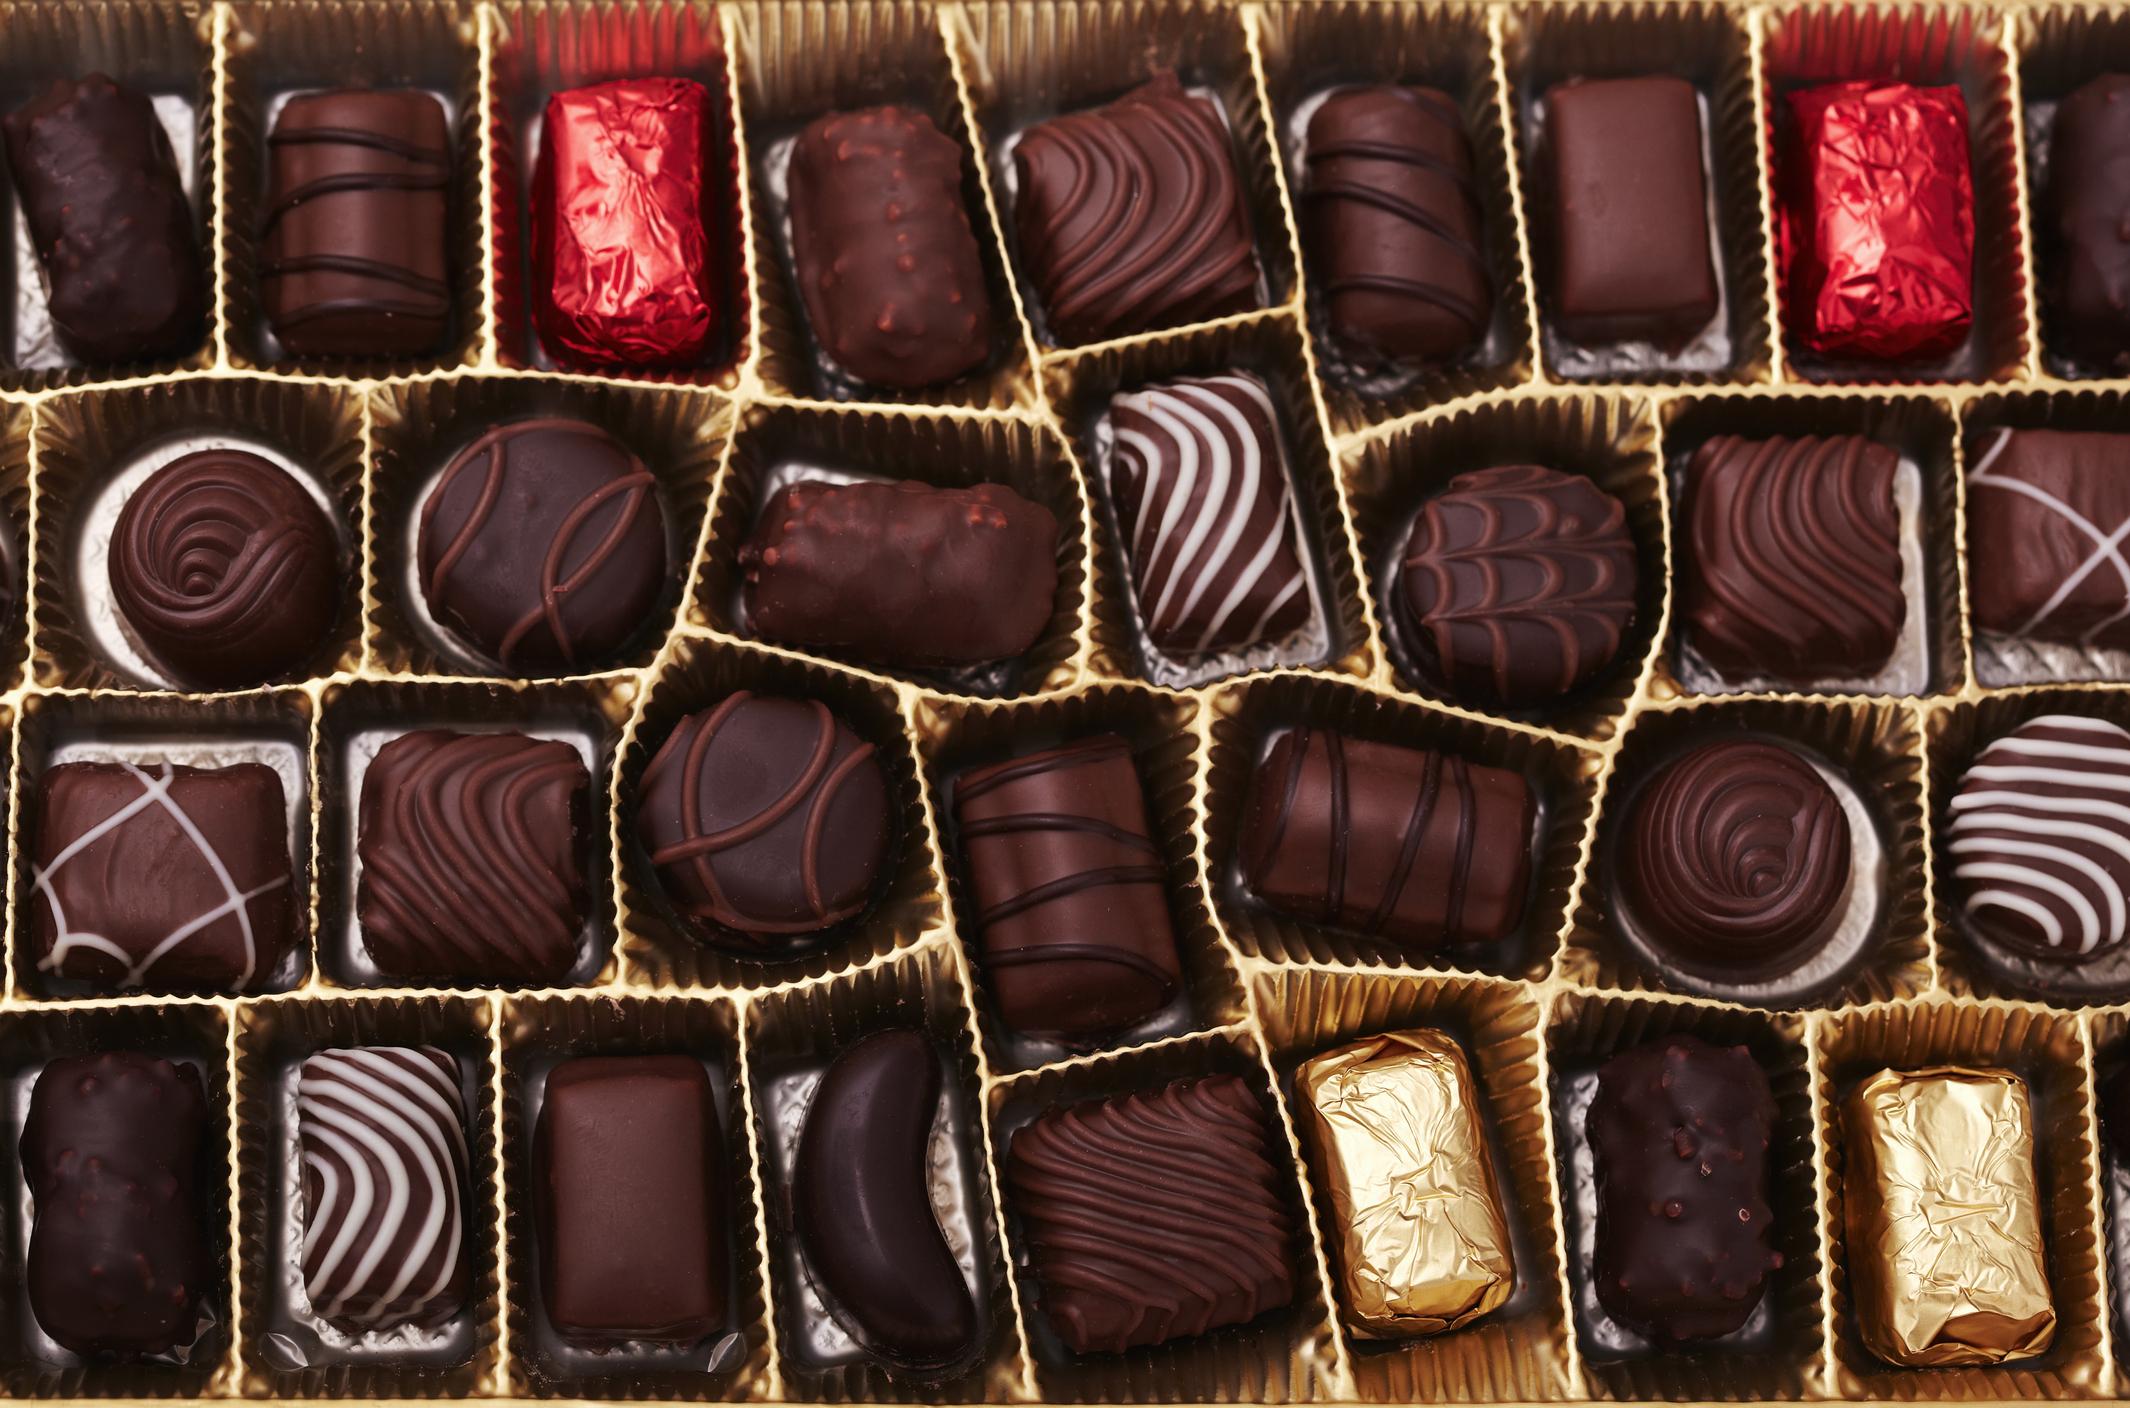 chocolate box istock valentines wine pairing